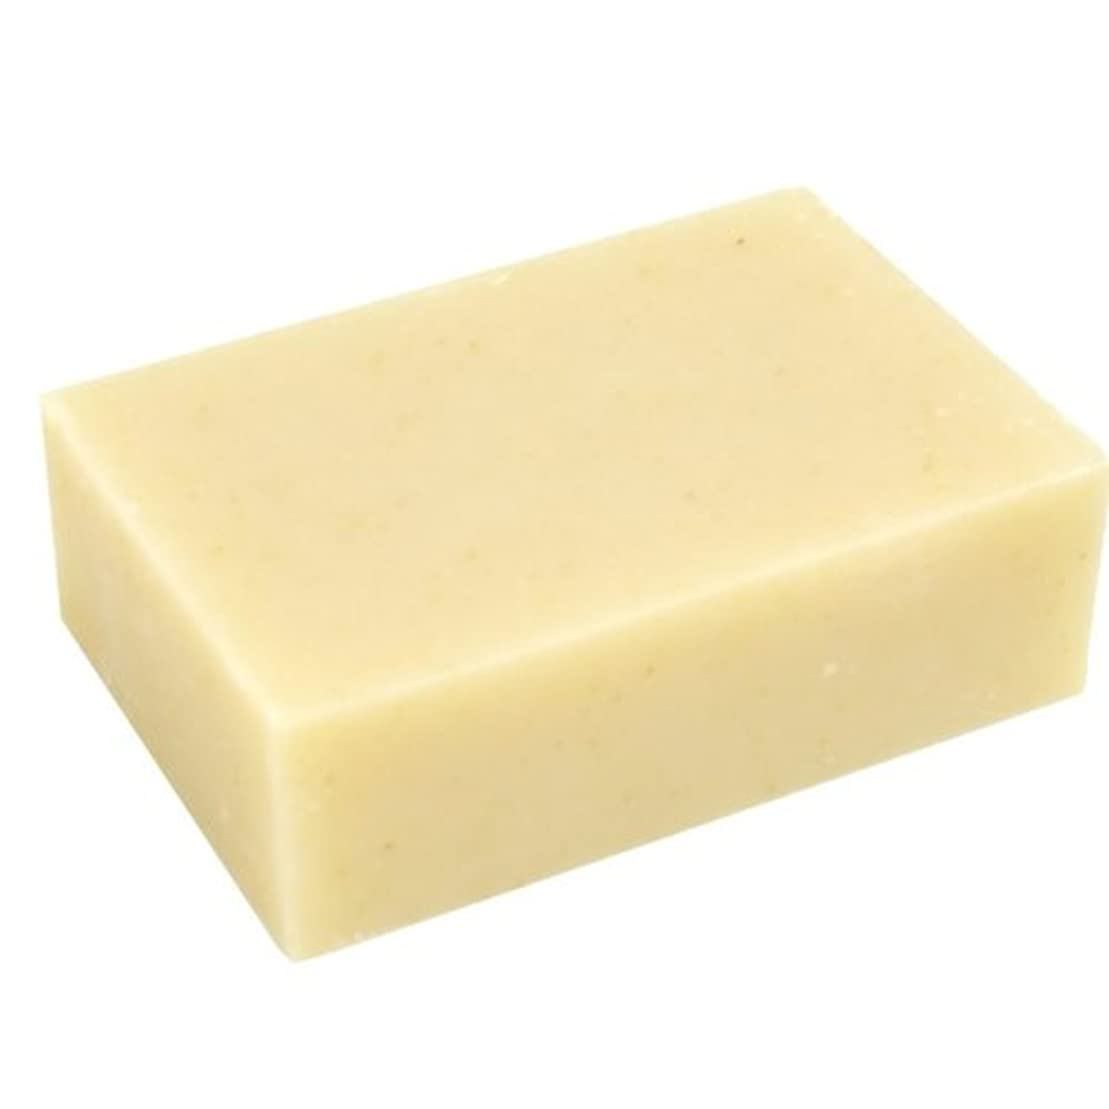 解任司教国民HAWAIIAN BATH & BODY SOAP ゼラニウム